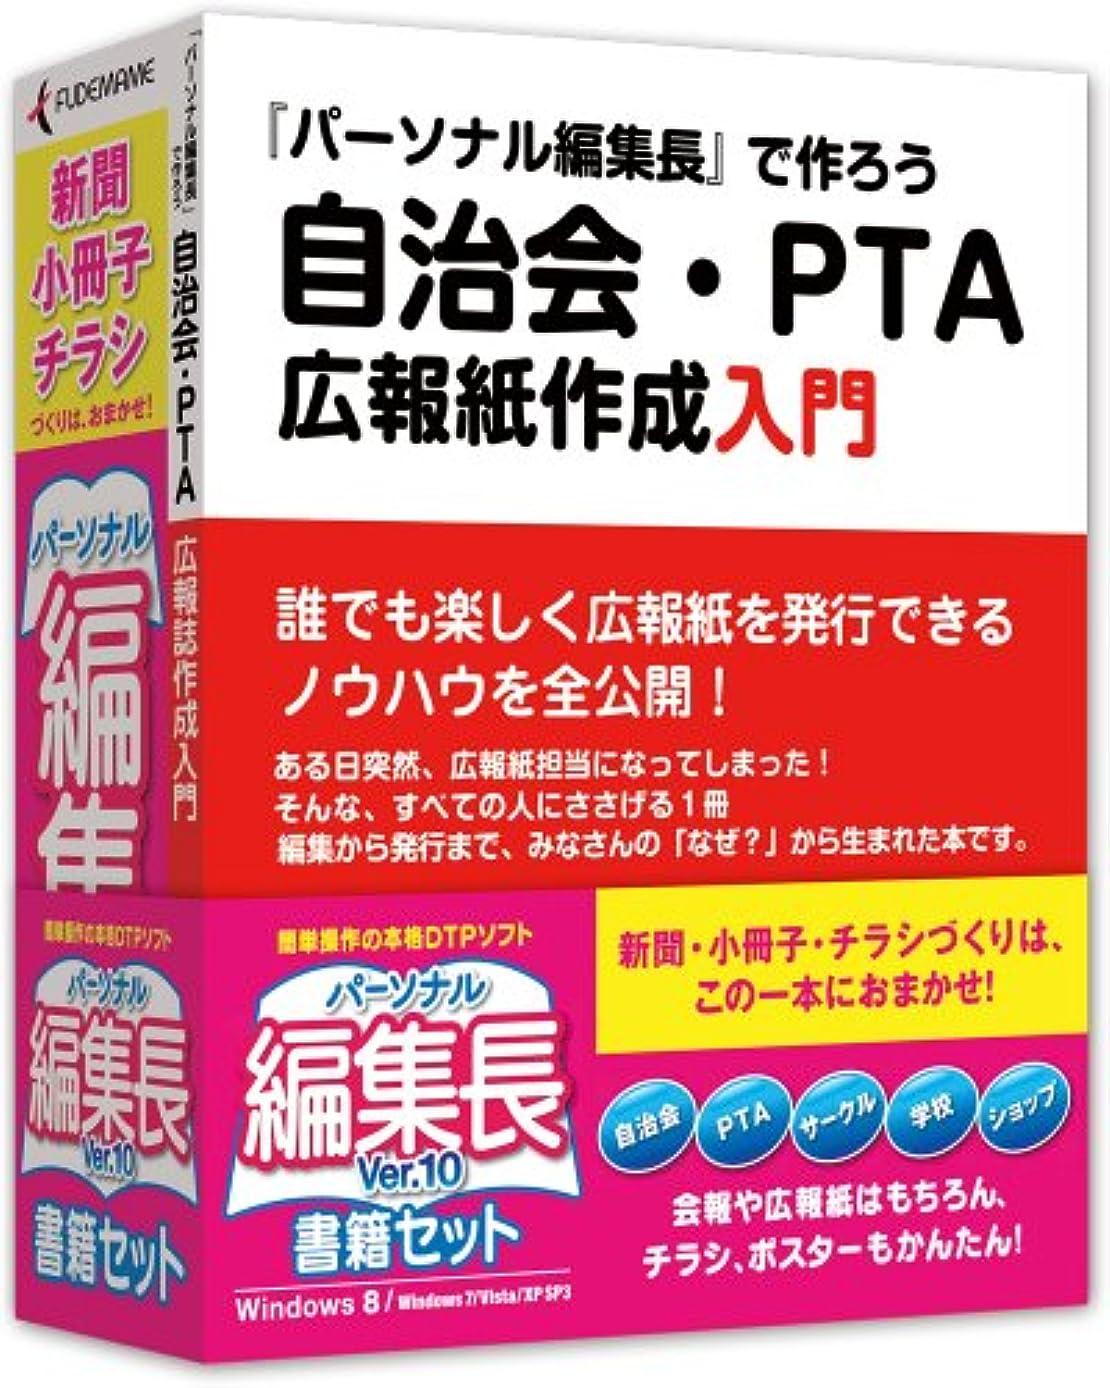 パーソナル編集長 Ver.10 書籍セット